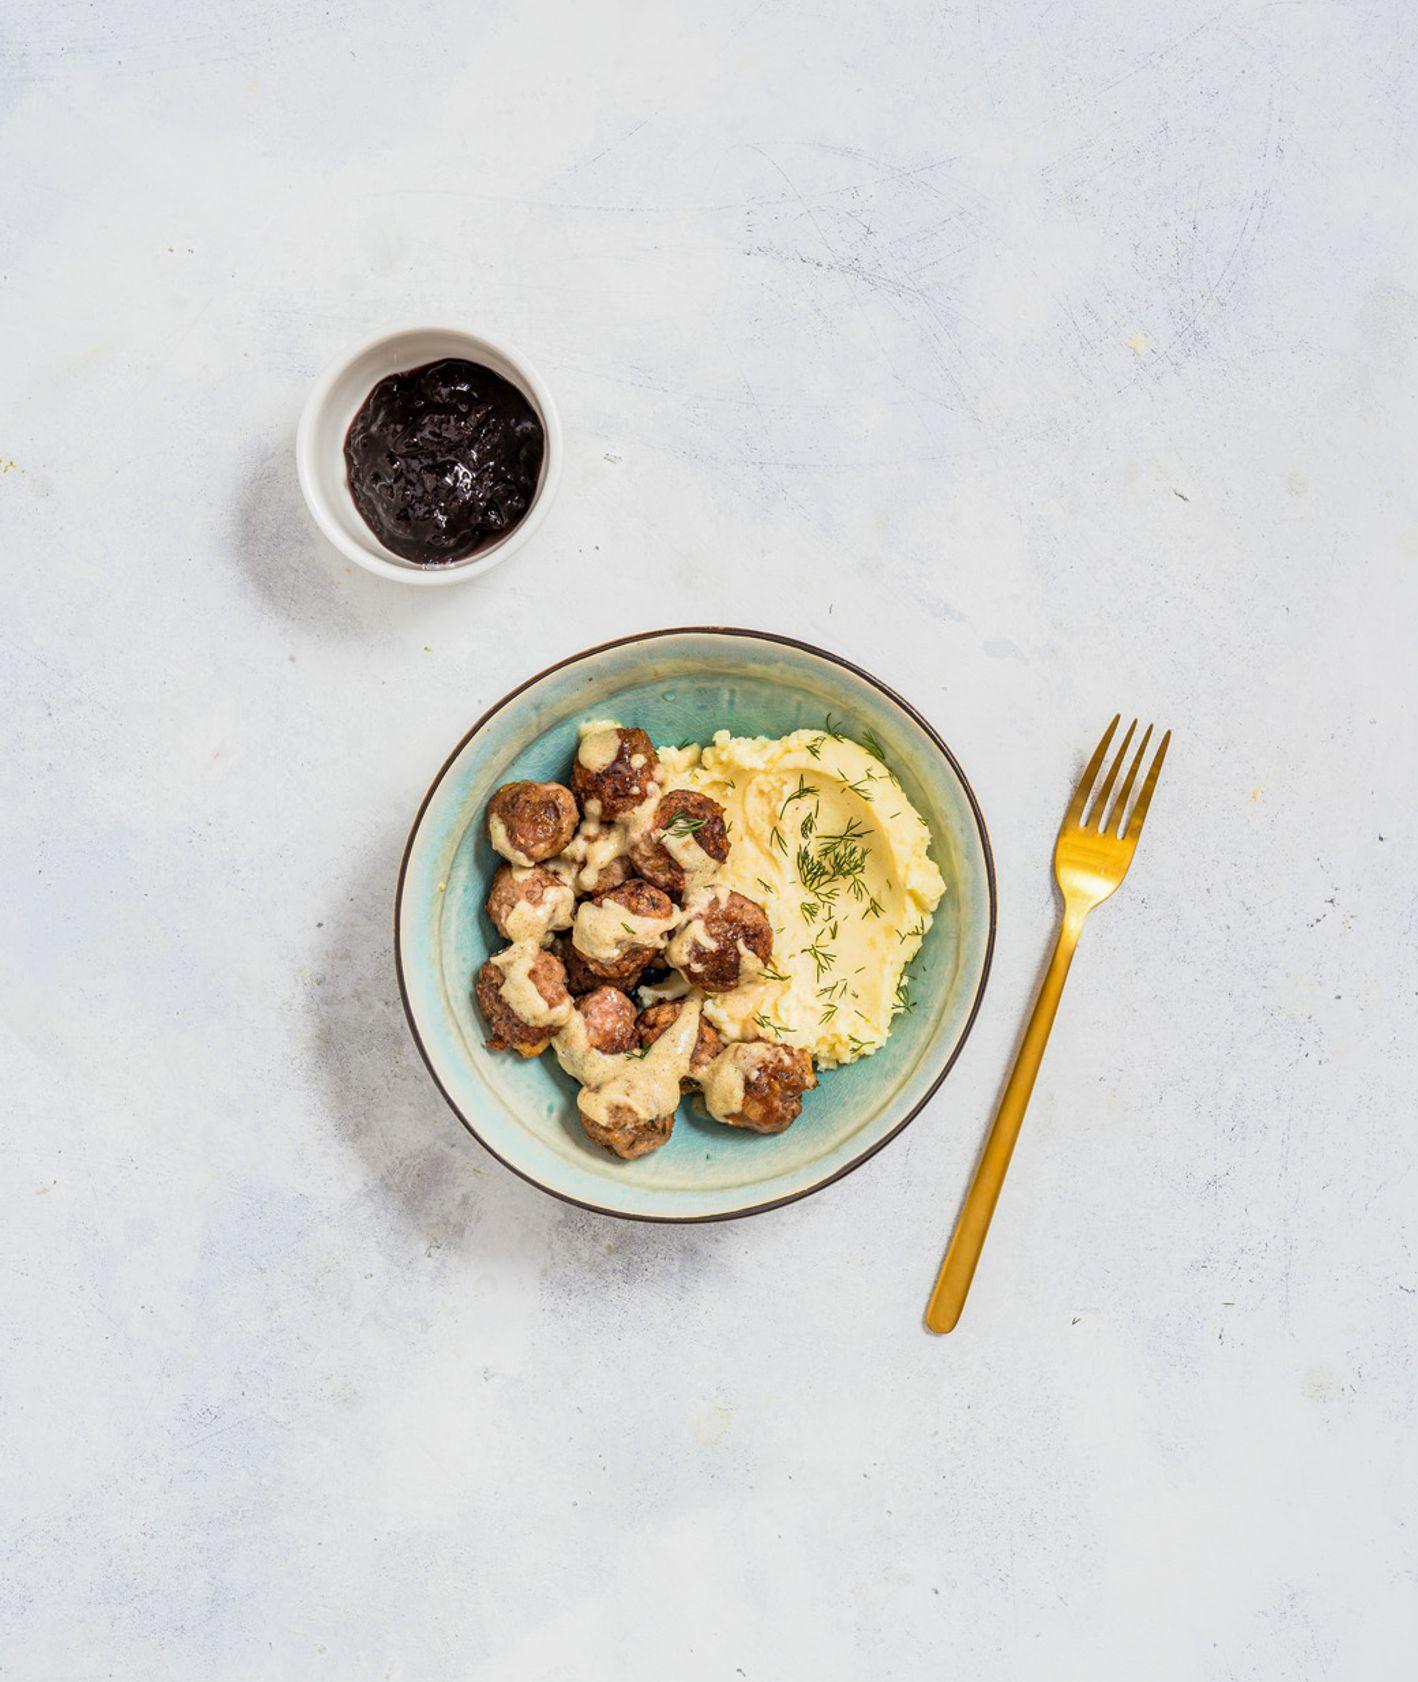 Szwedzkie klopsiki kottbullar z konfiturą i puree ziemniaczanym jak z Ikei (fot. Martyna Cybuch)